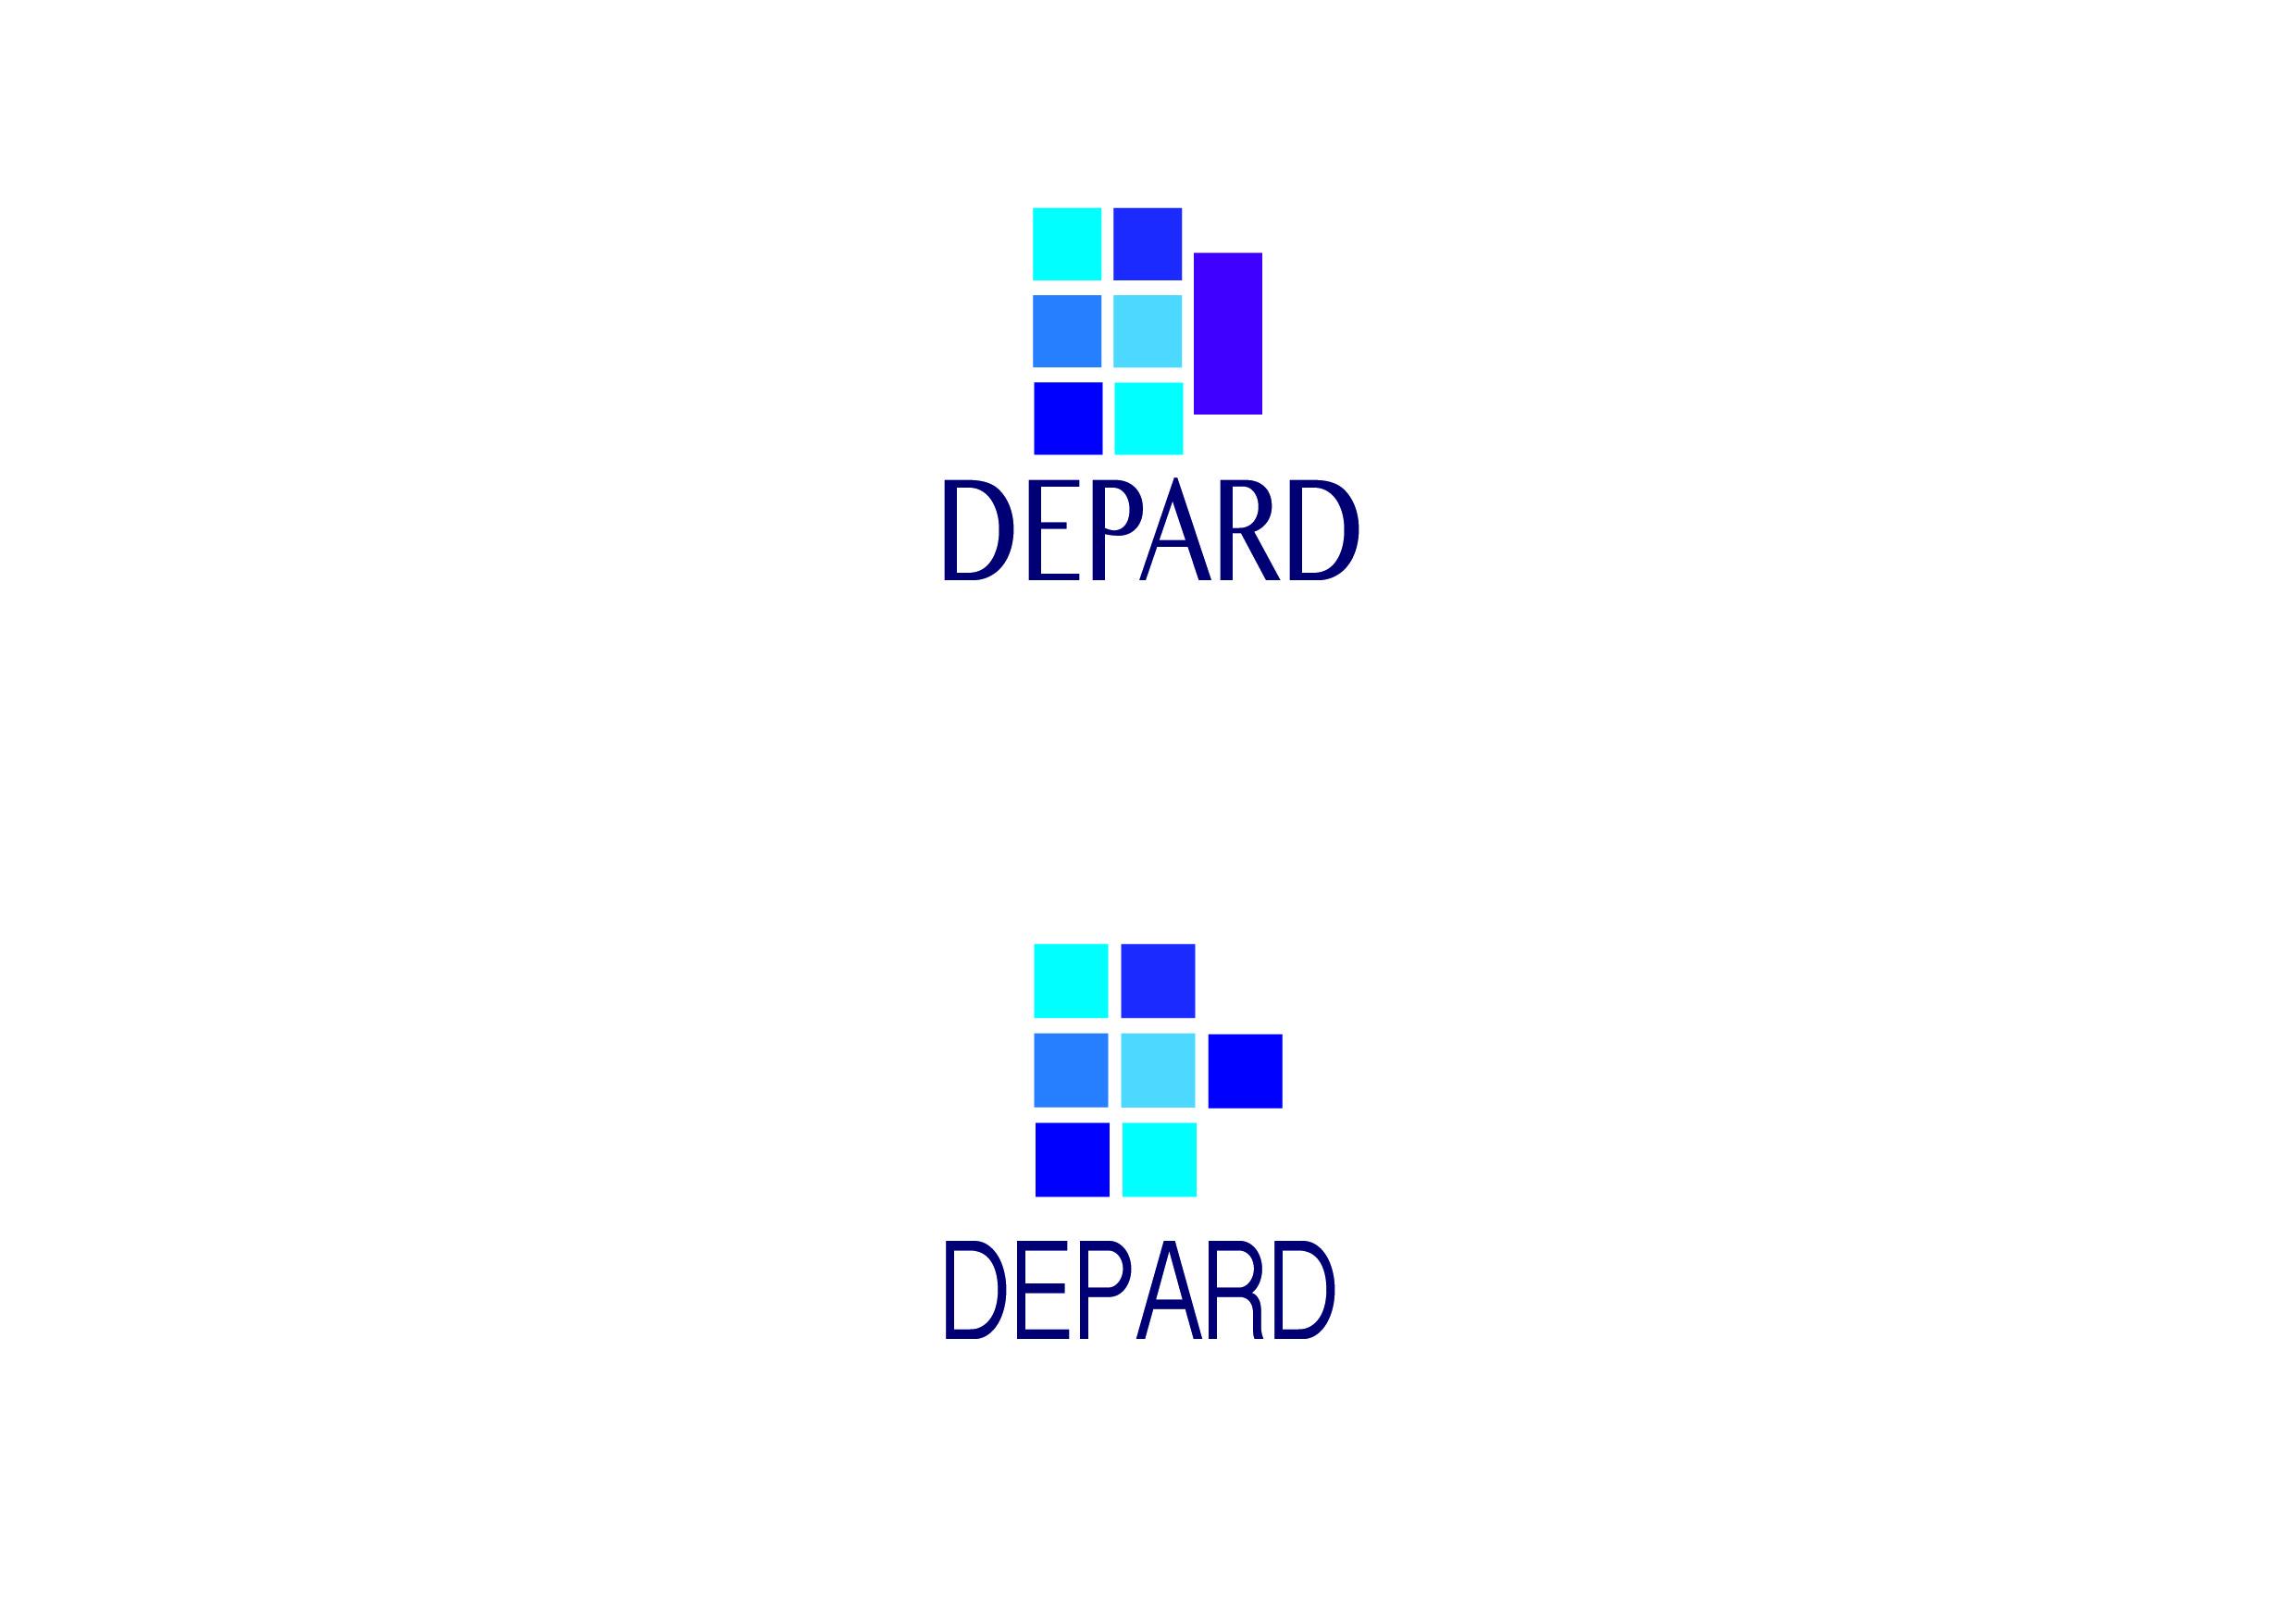 Логотип для компании (услуги недвижимость) фото f_5835930986bdc57f.jpg